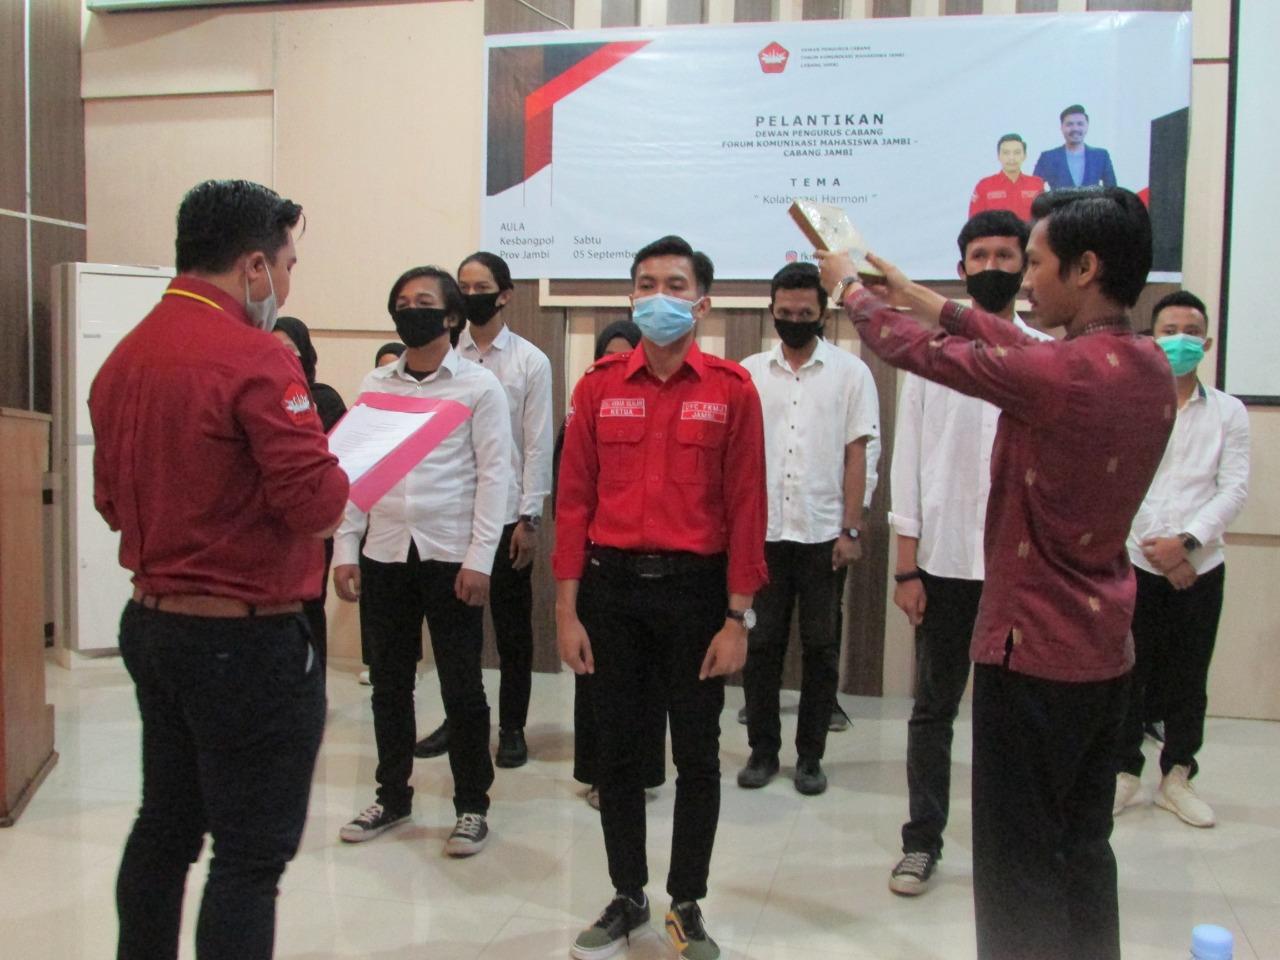 Pengambilan Sumpah Doli Akbar Silalahi selaku Ketua Umum DPC FKMJ terpilih. Foto: Yogi/Jambiseru.com